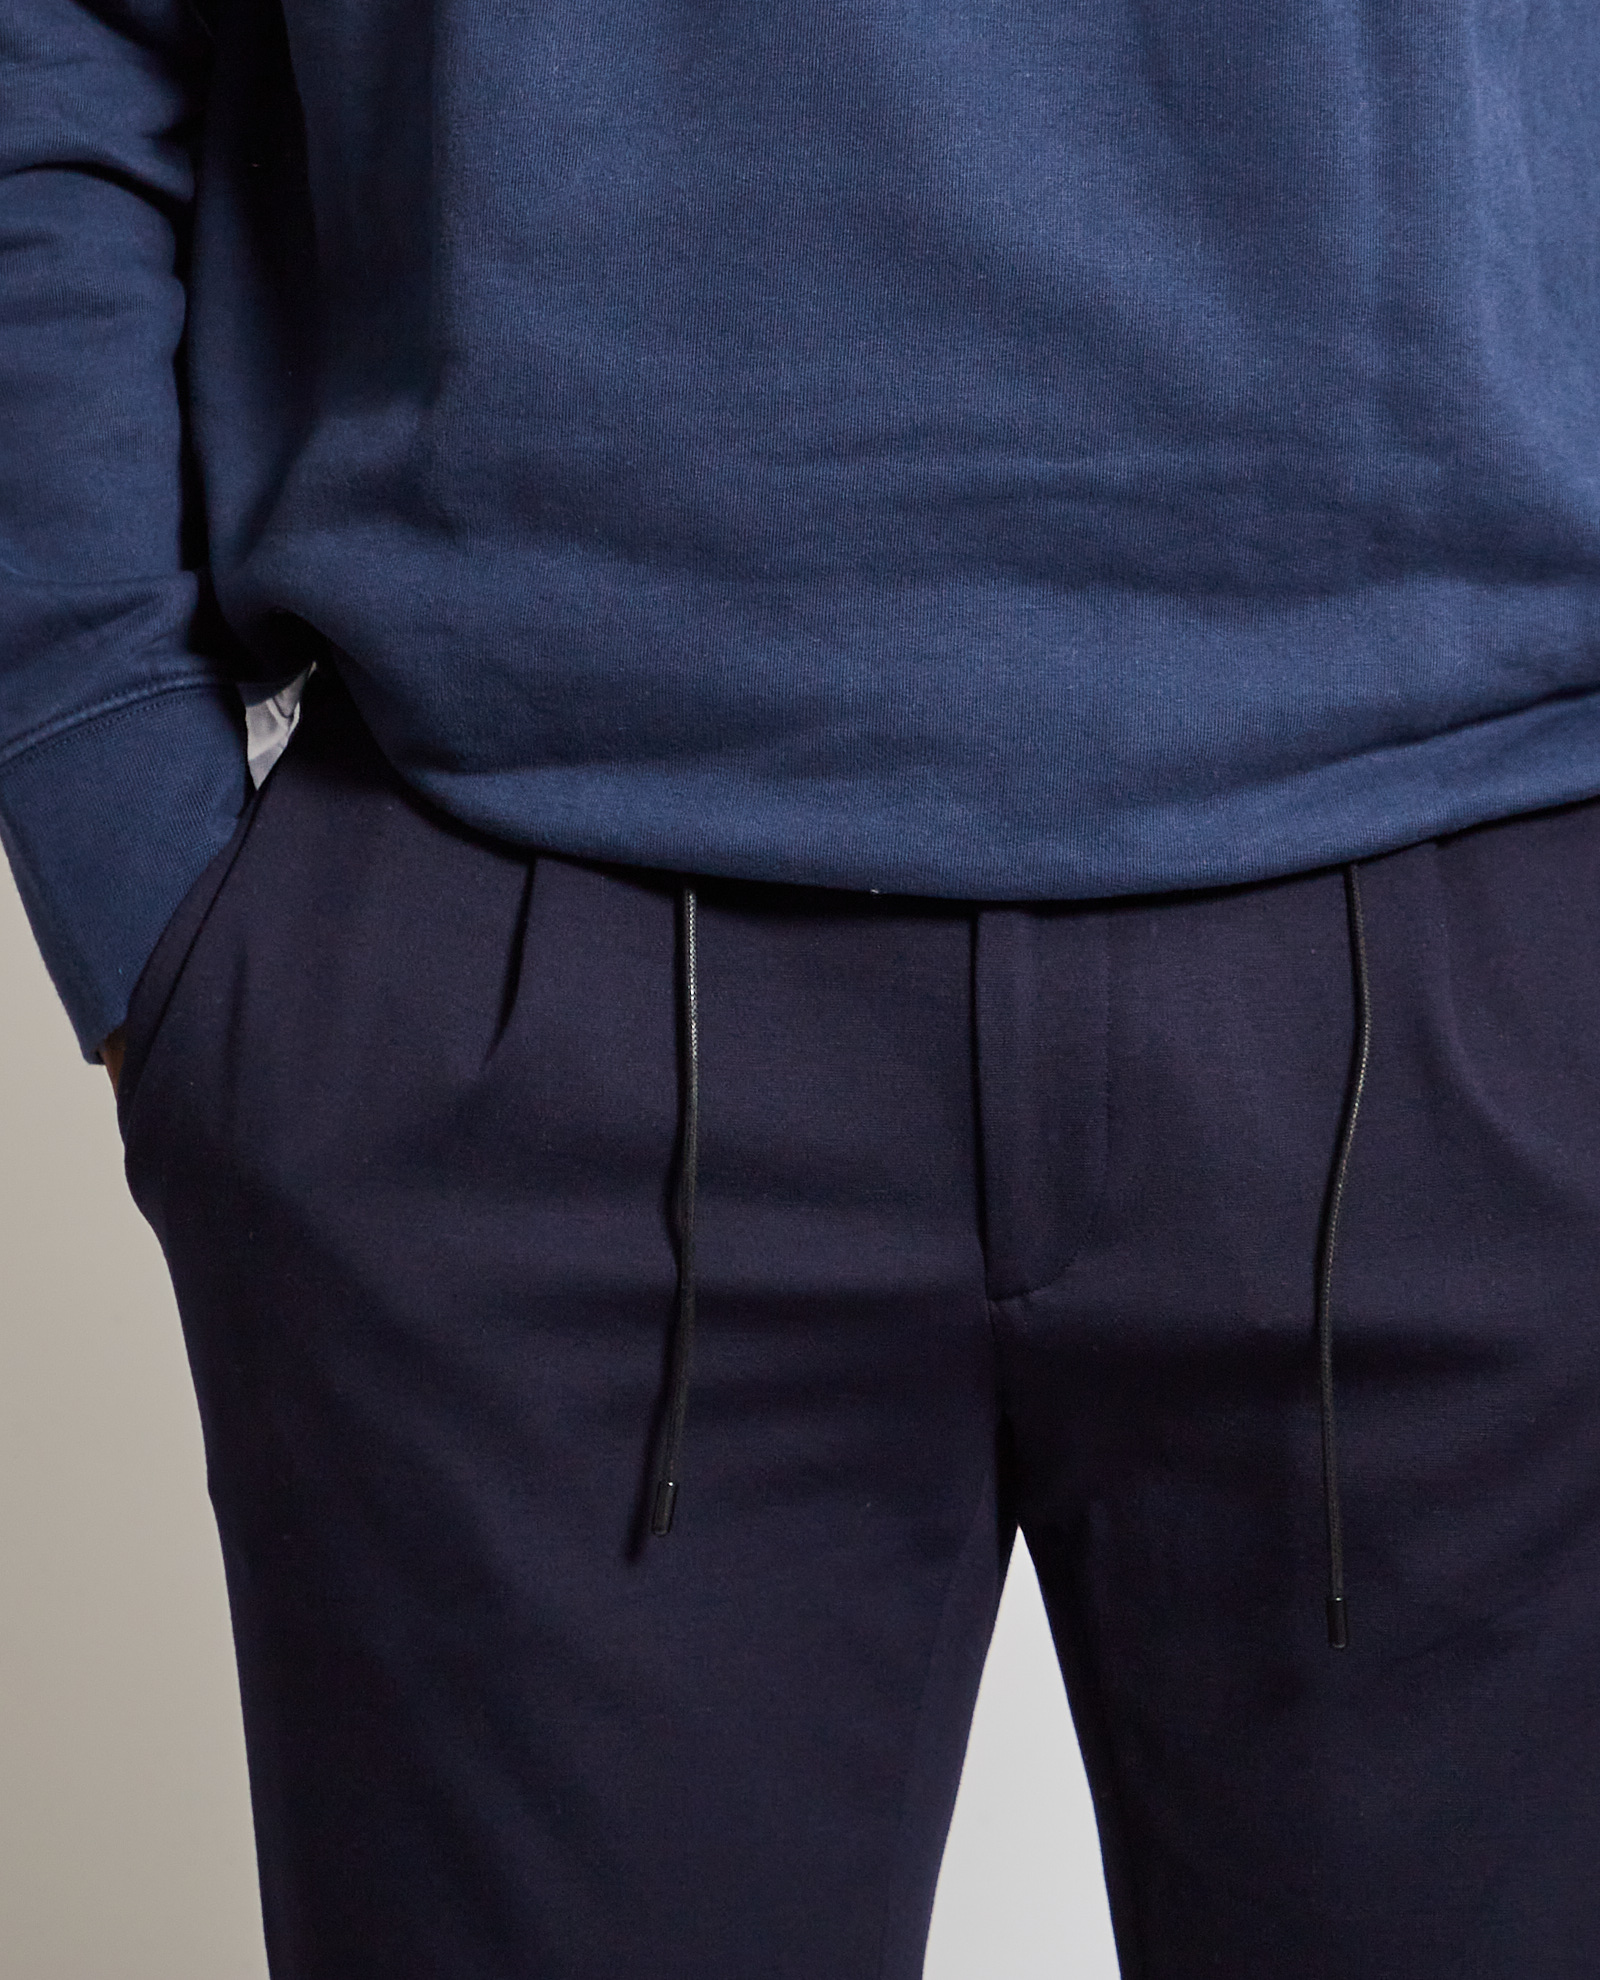 Pantalone Micheal Coal MICHAEL COAL   Pantalone   MCJOH3299016